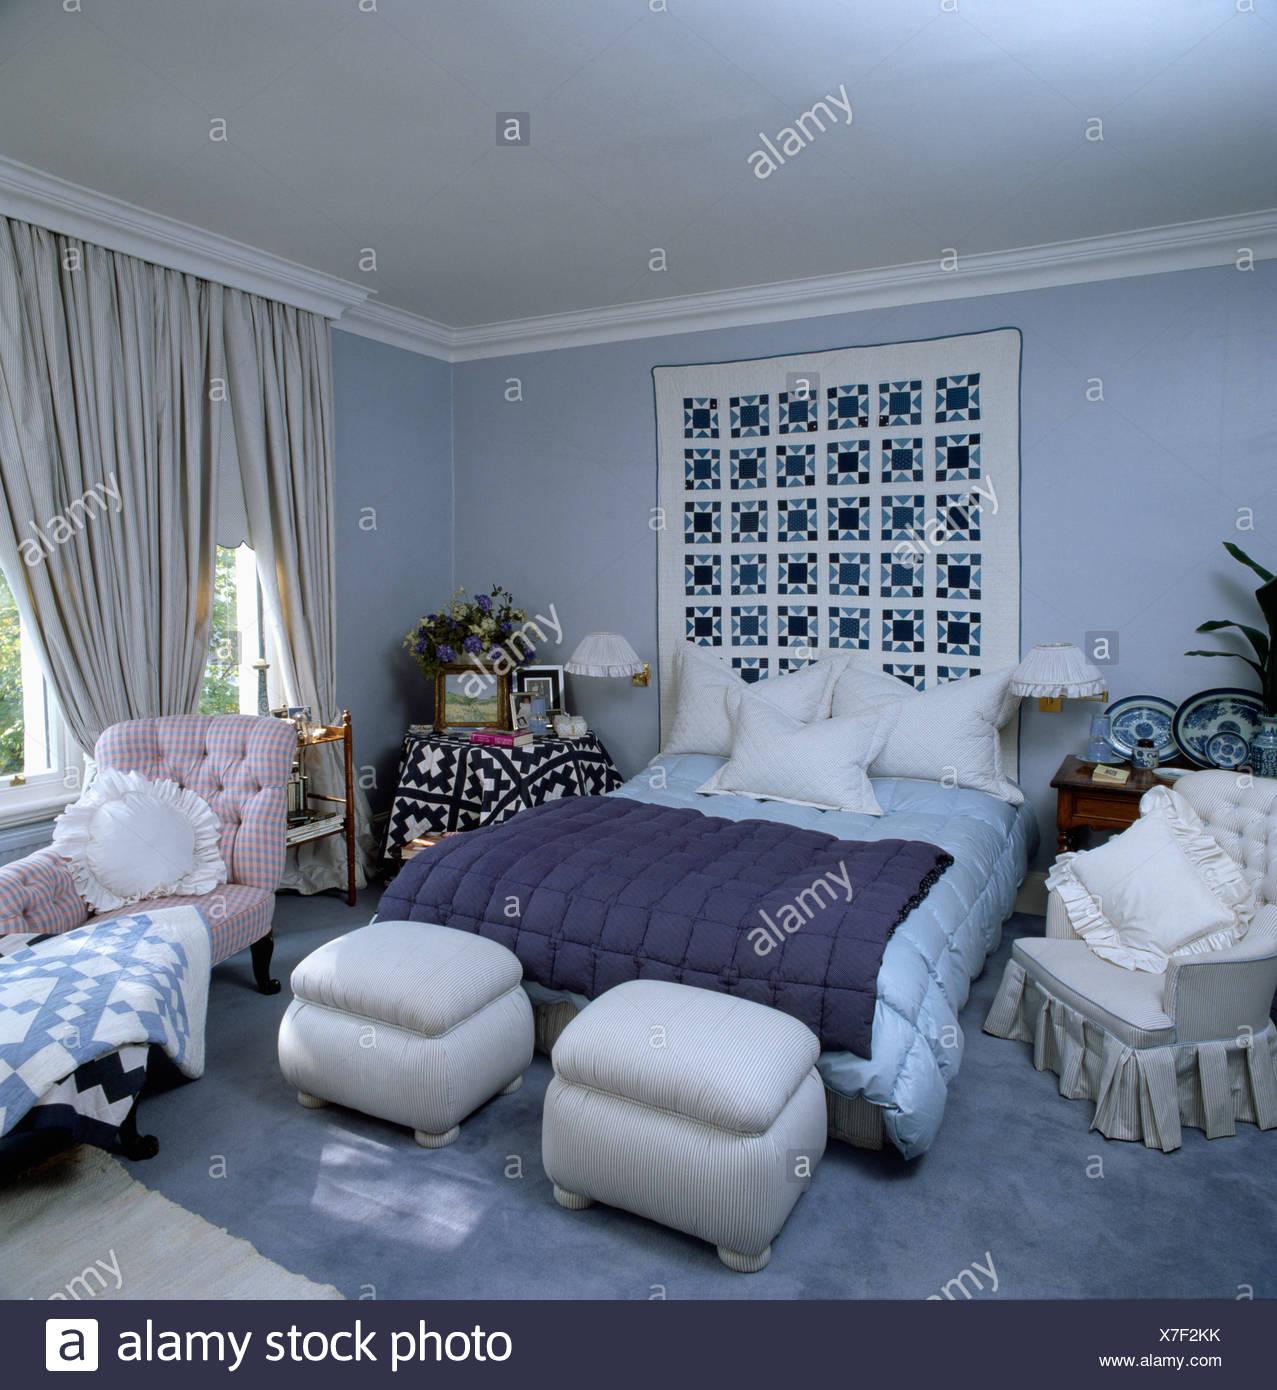 AuBergewohnlich Pastell Blau 80er Jahre Schlafzimmer Mit Rosa Chaiselongue Und Gepolsterten  Ottoman Hocker Am Ende Des Bett Creme